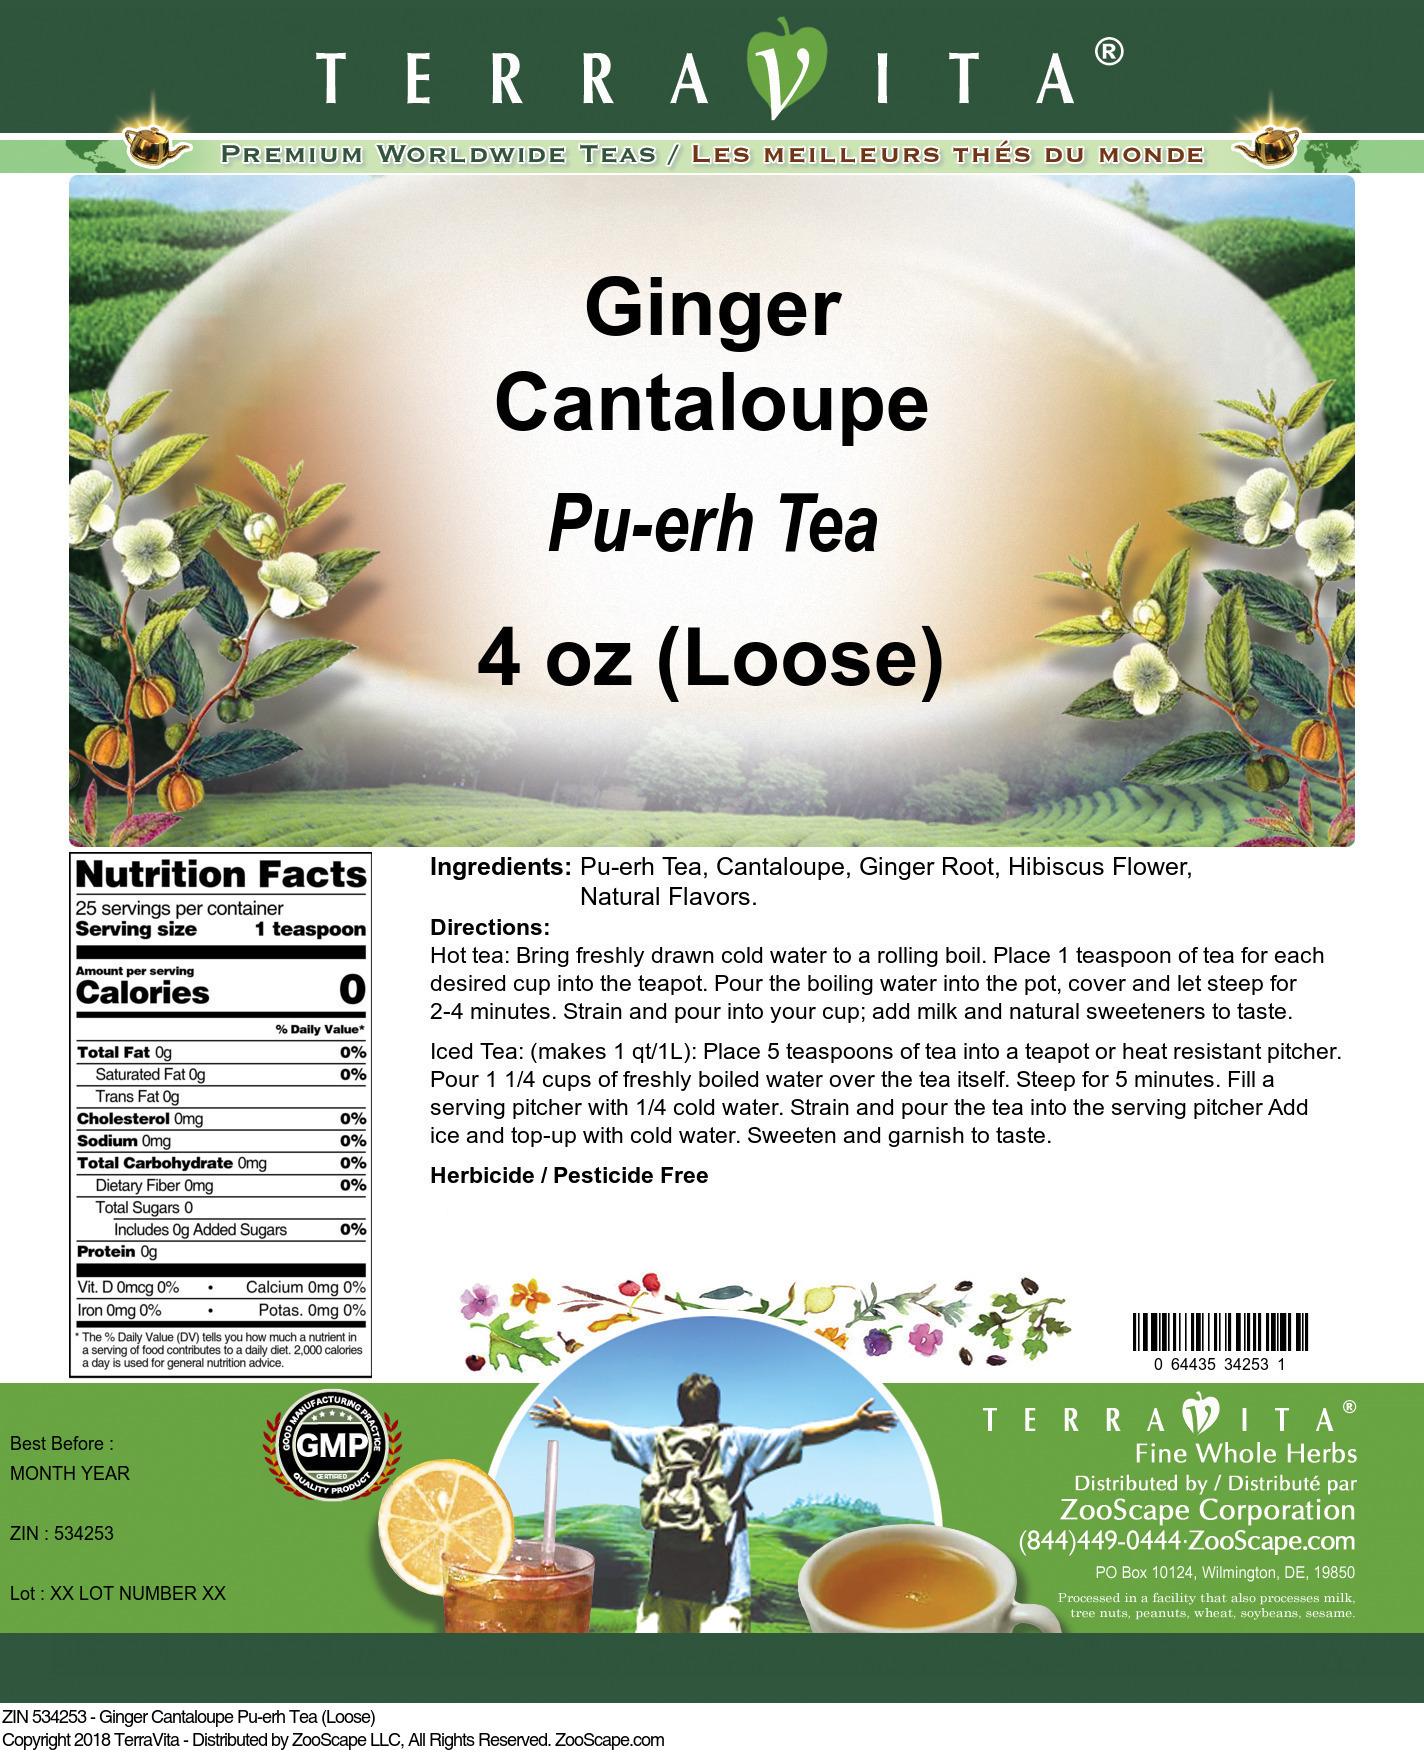 Ginger Cantaloupe Pu-erh Tea (Loose)